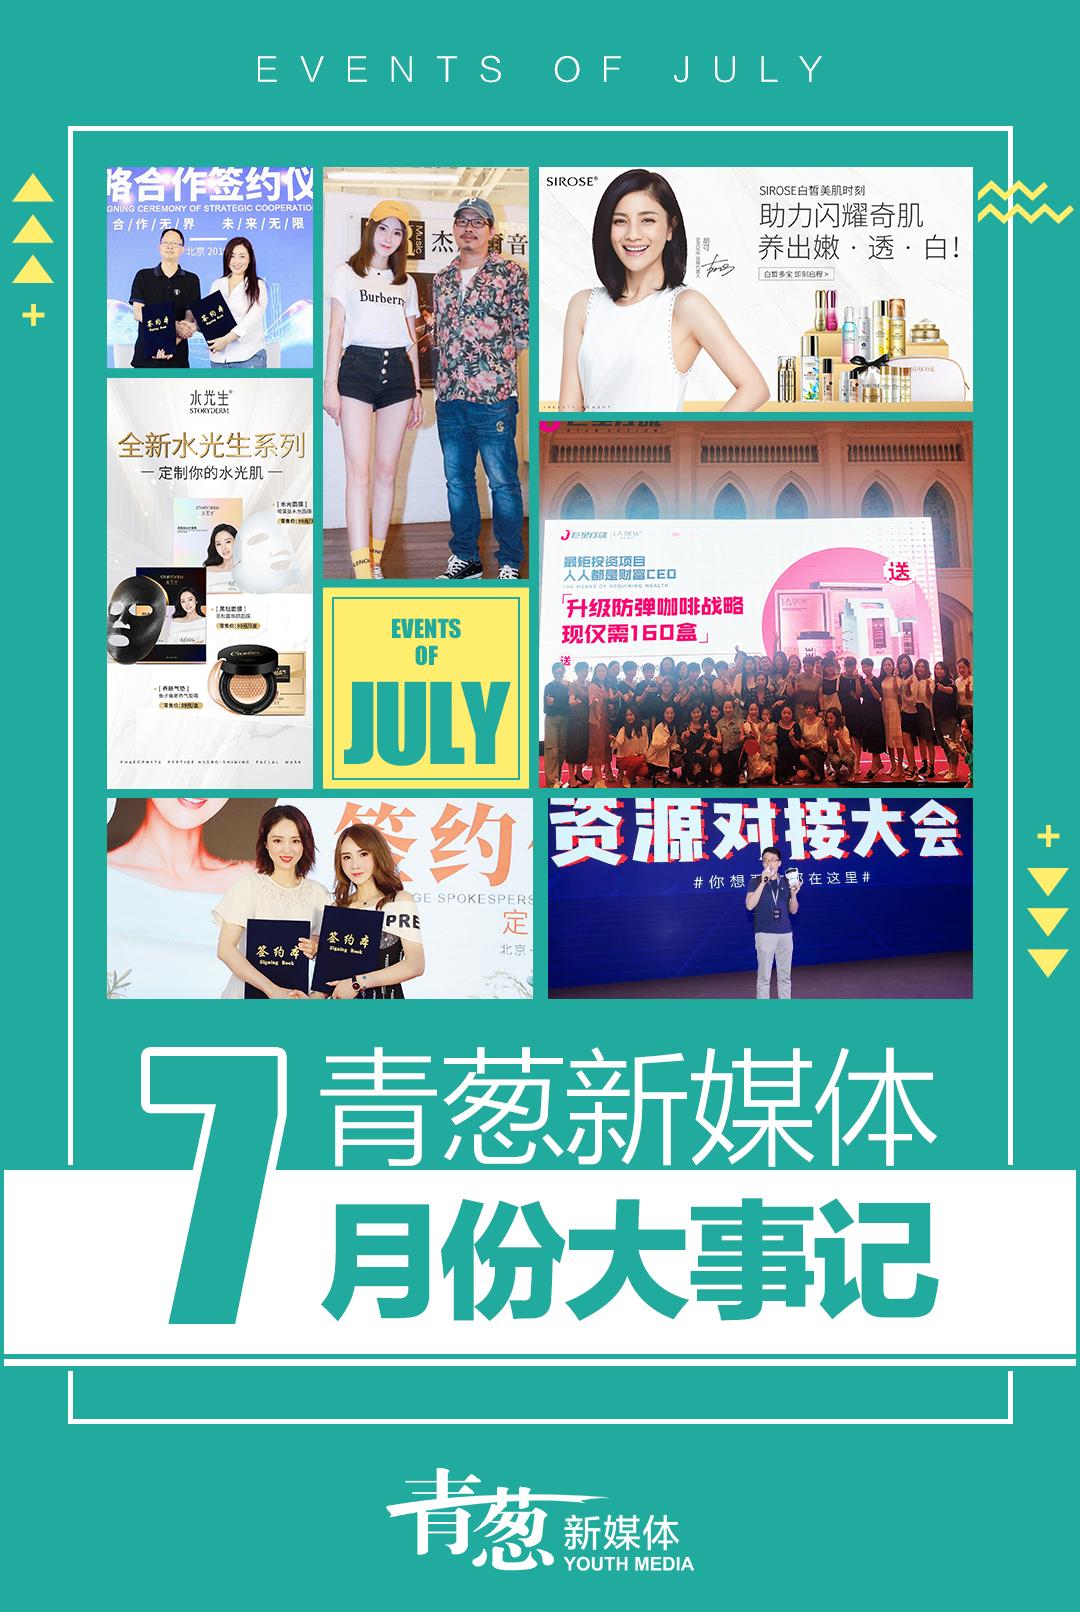 88必发手机网页版|7月大事记,精彩回顾!